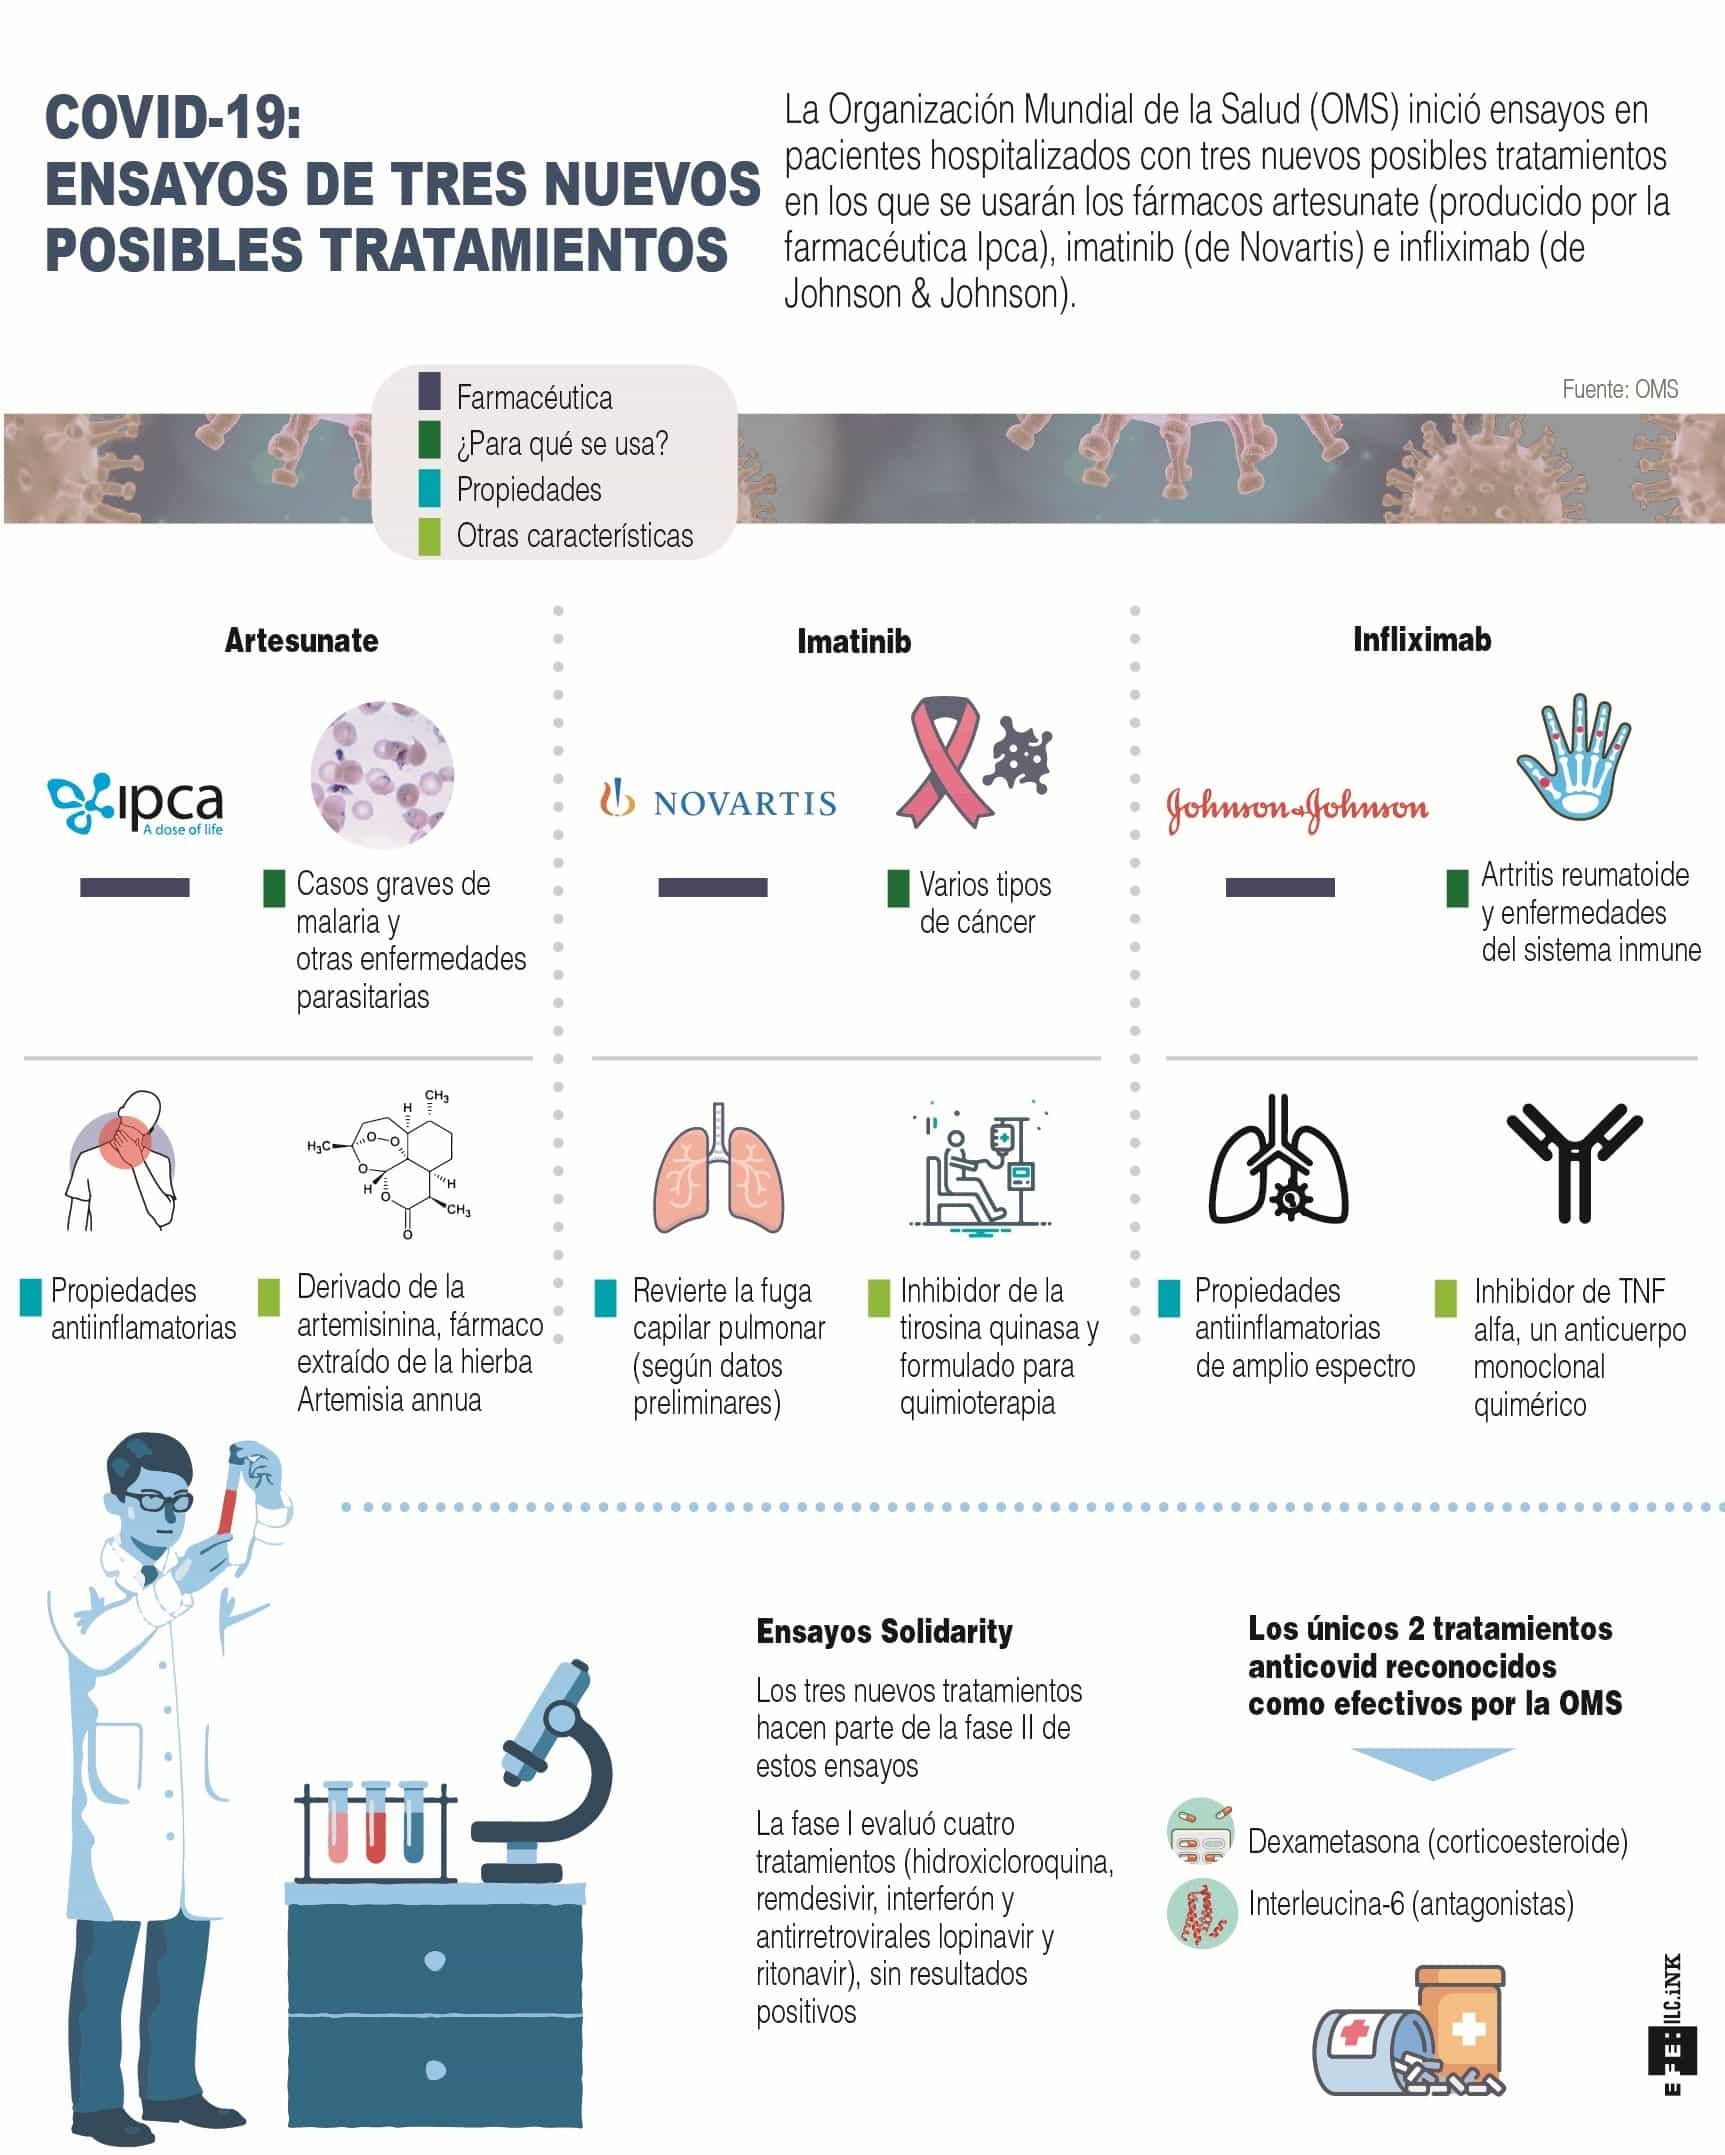 [Infografía] La OMS inicia ensayos con 3 nuevos posibles tratamientos contra la COVID-19 1